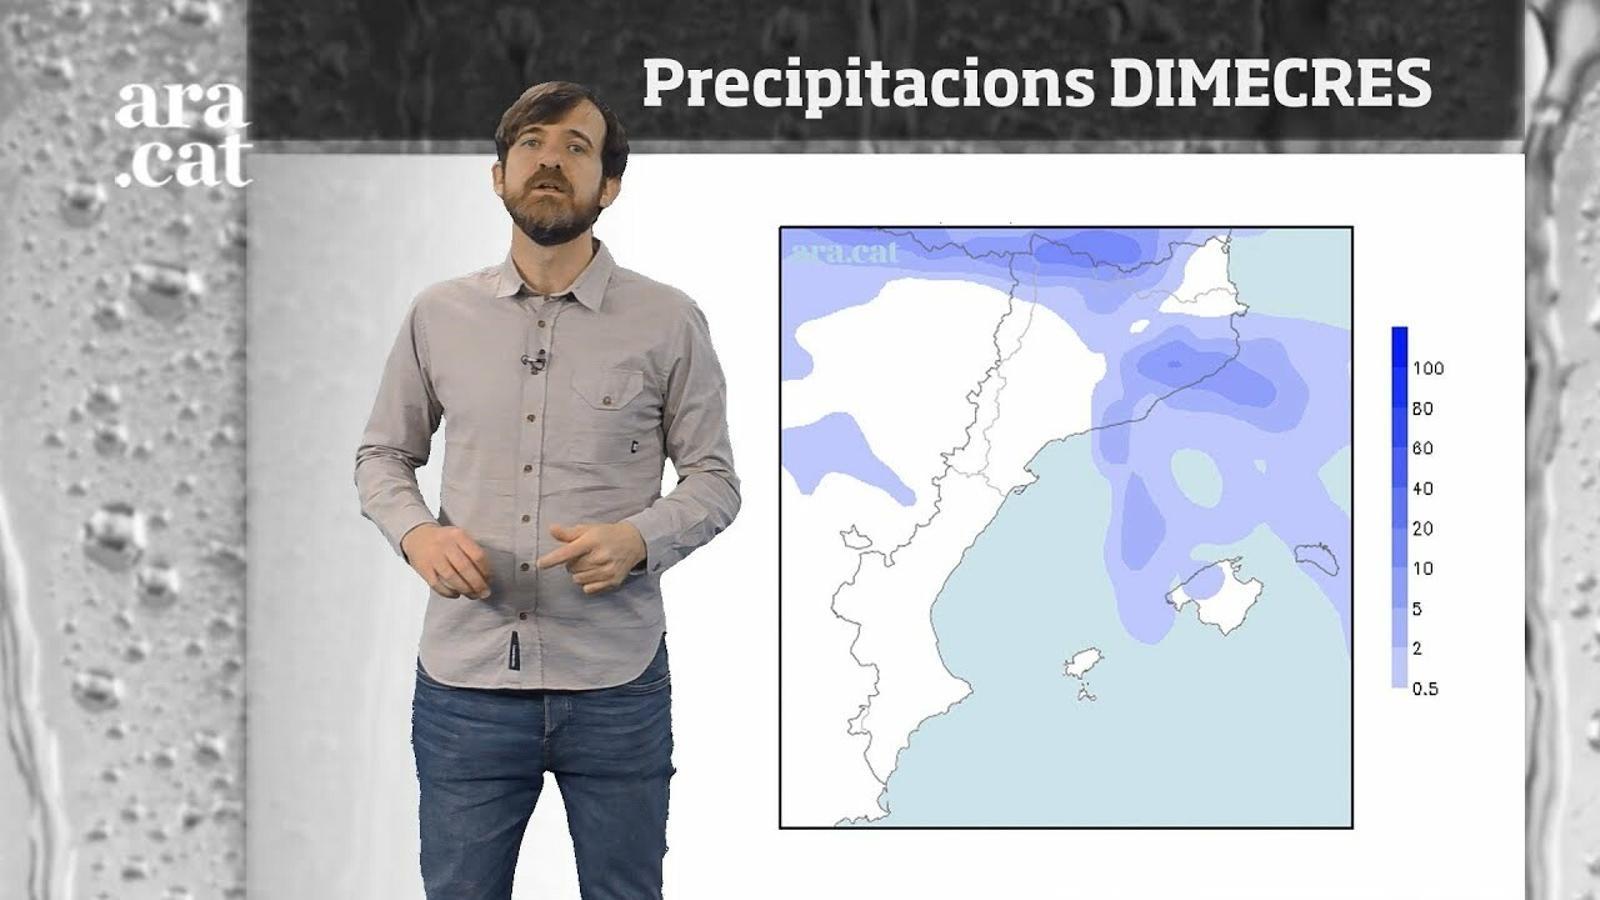 La méteo en 1 minut: neu, ruixats i fred hivernal